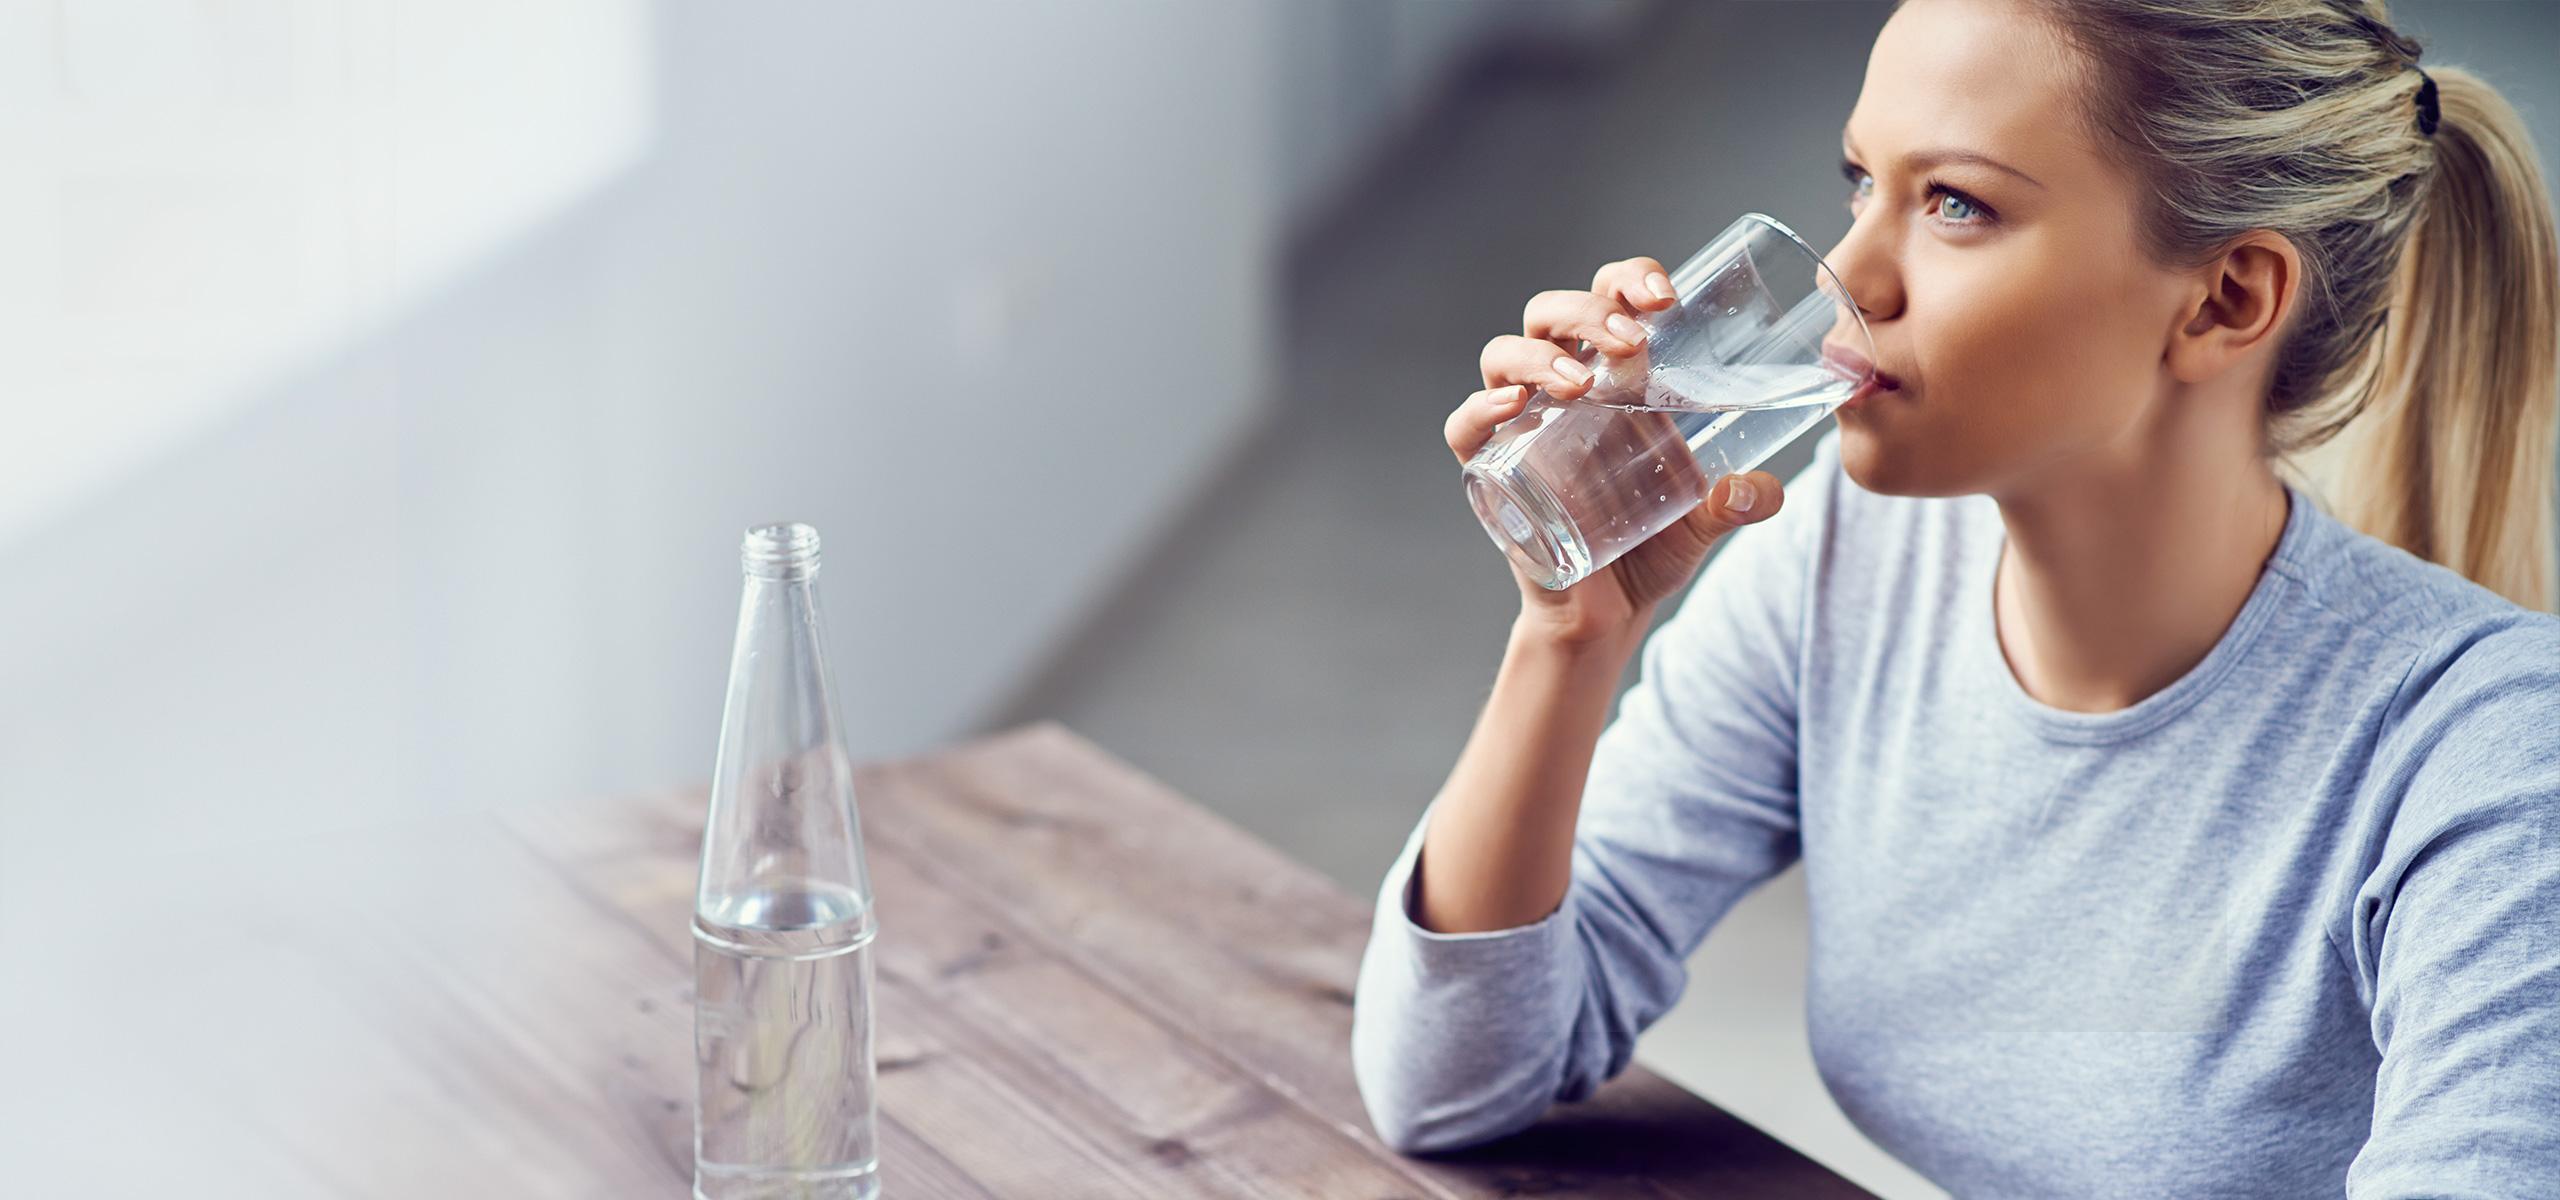 کیفیت و ویژگی آب آشامیدنی